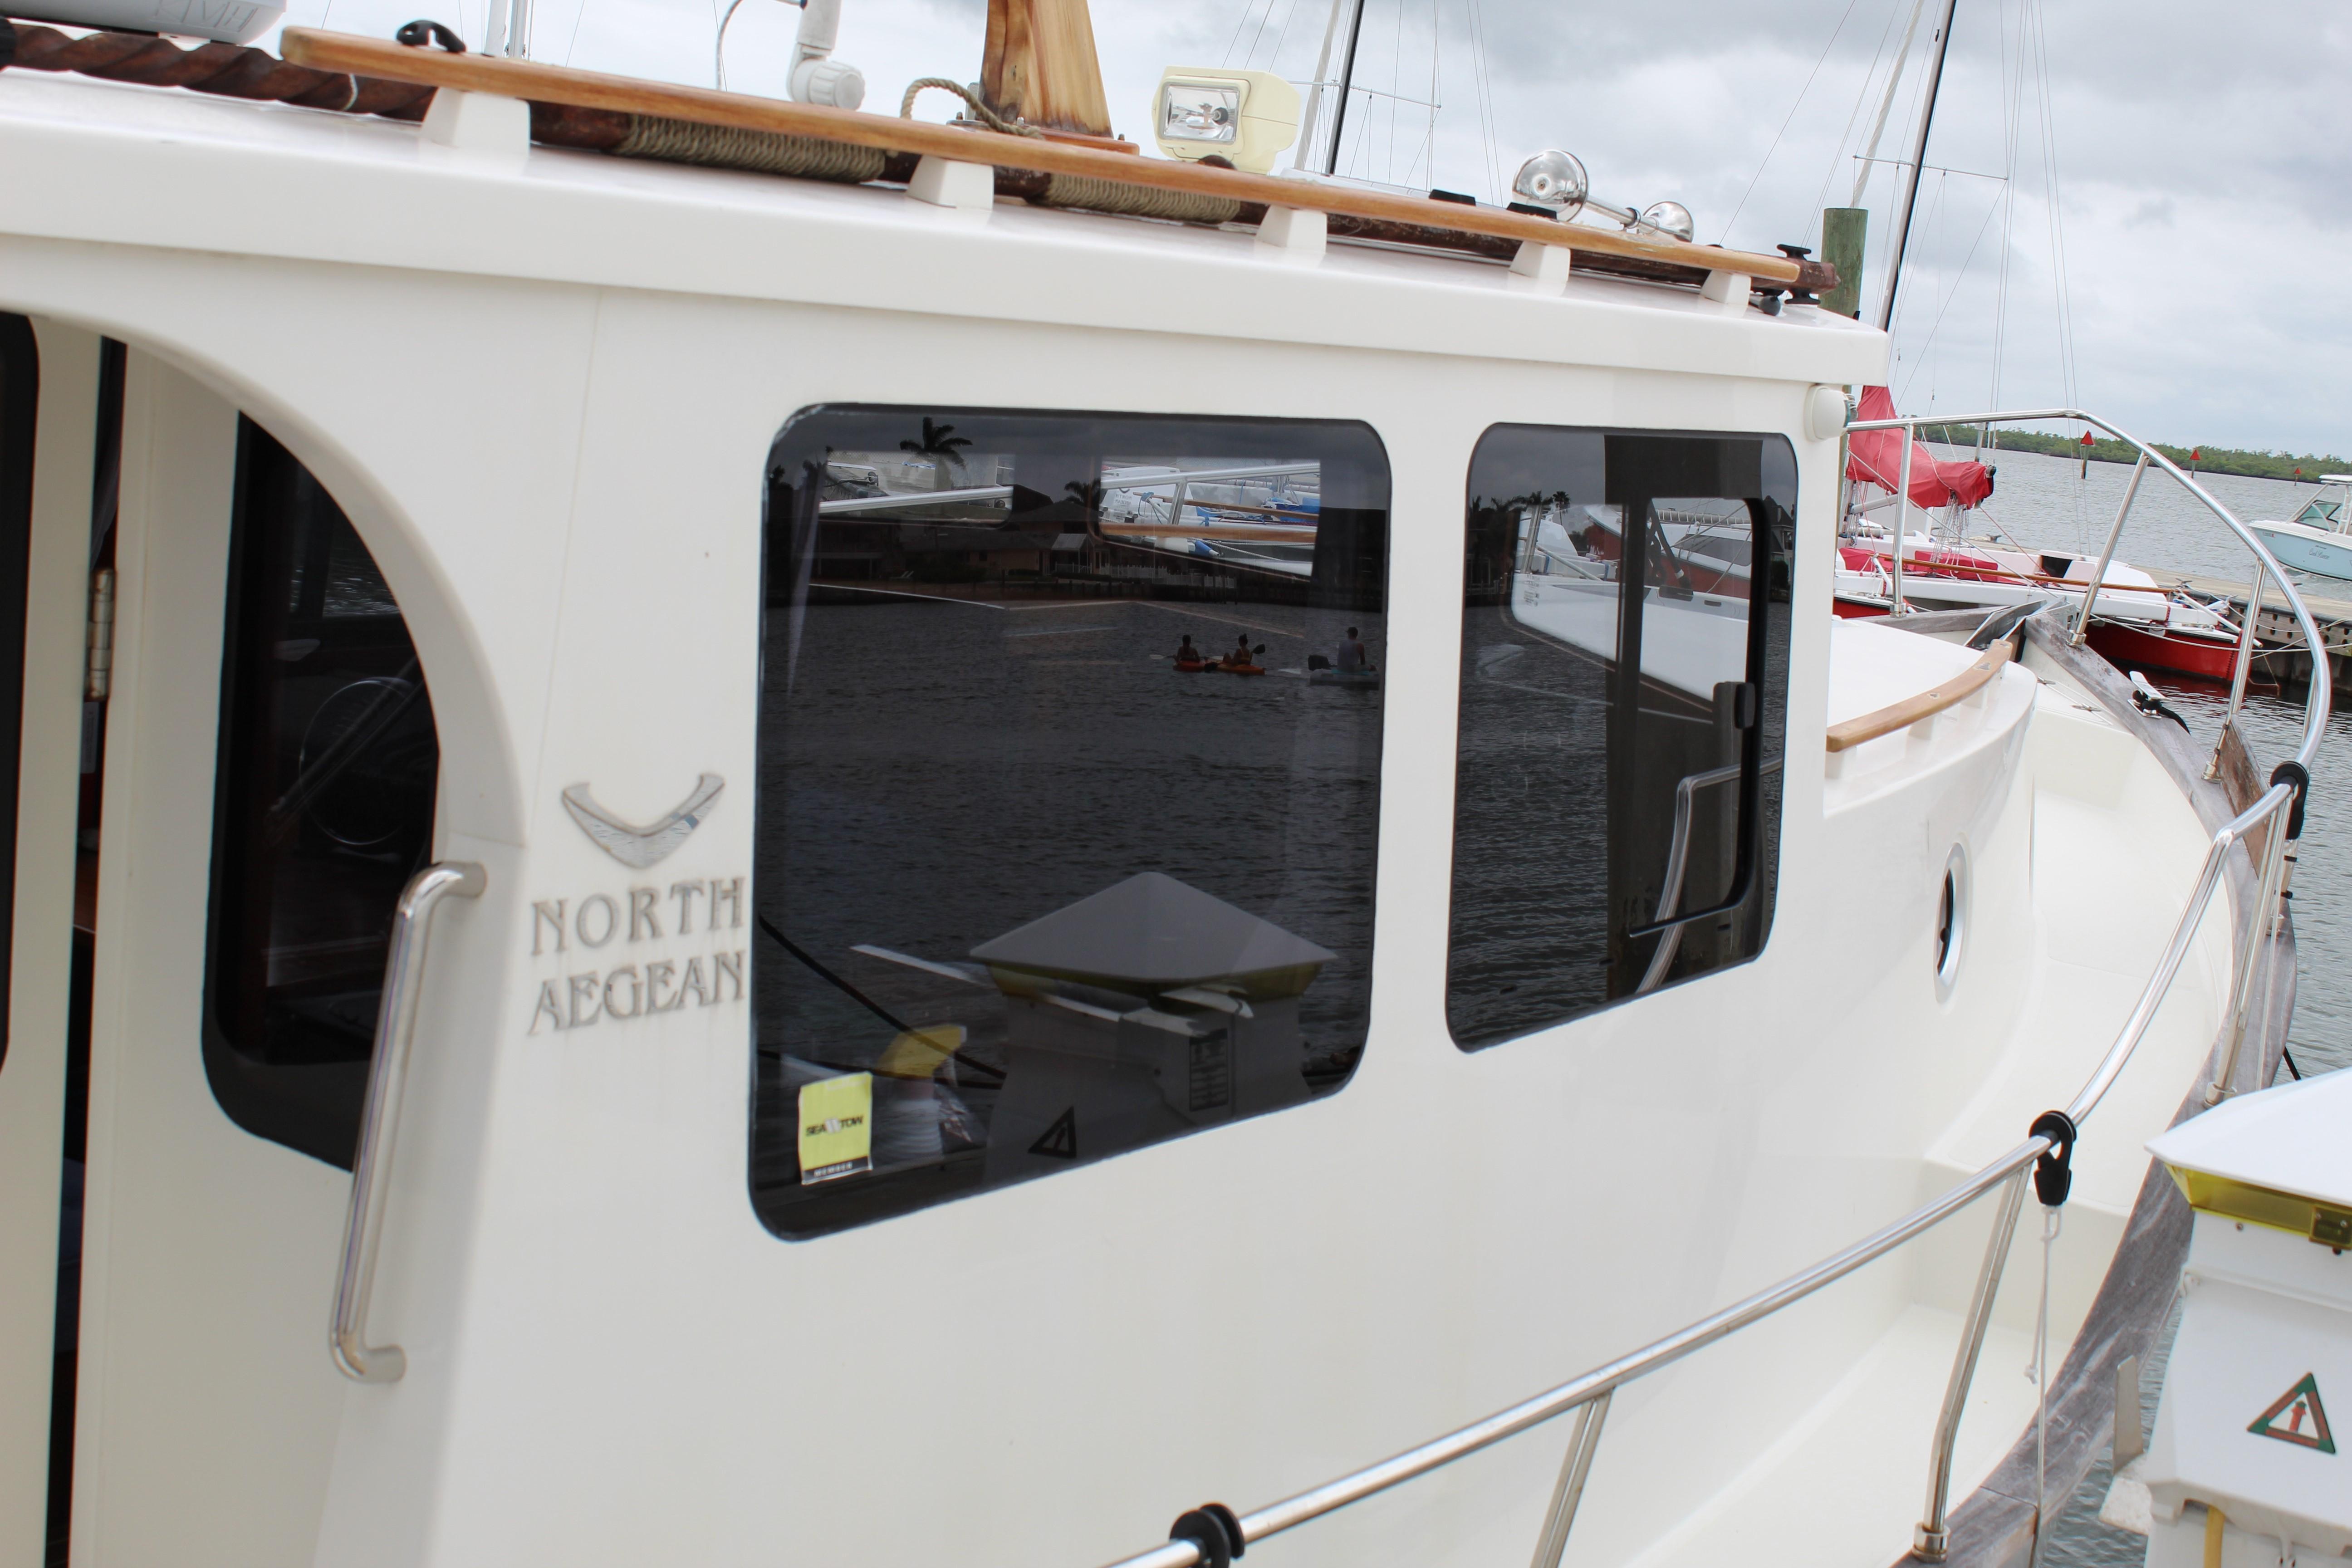 2016 Aegean North Aegean Trawler